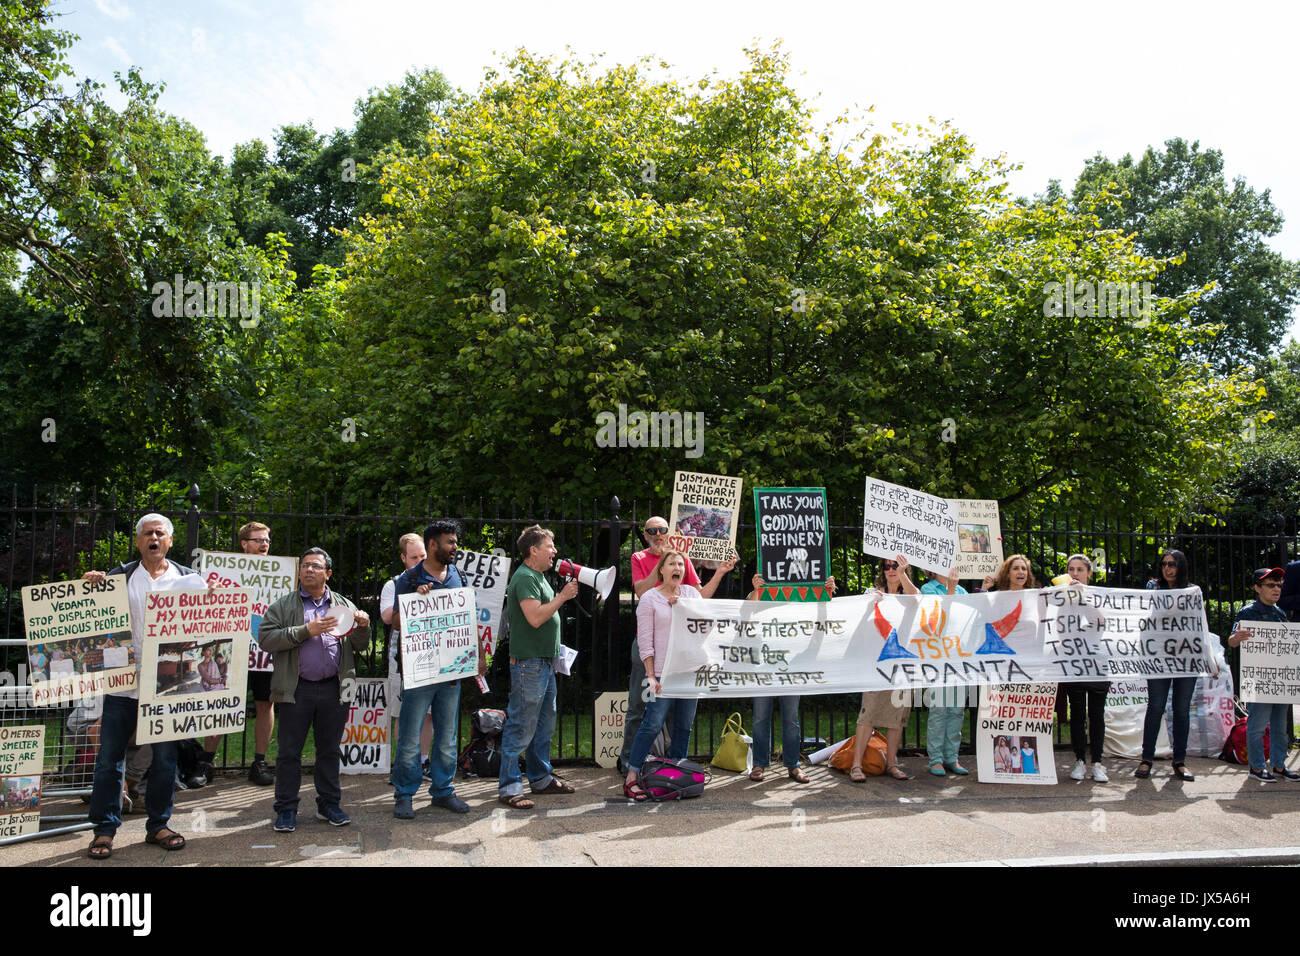 London, Großbritannien. 14. August 2017. Aktivisten aus Folie Vedanta und andere Gruppen protestieren außerhalb Stockfoto